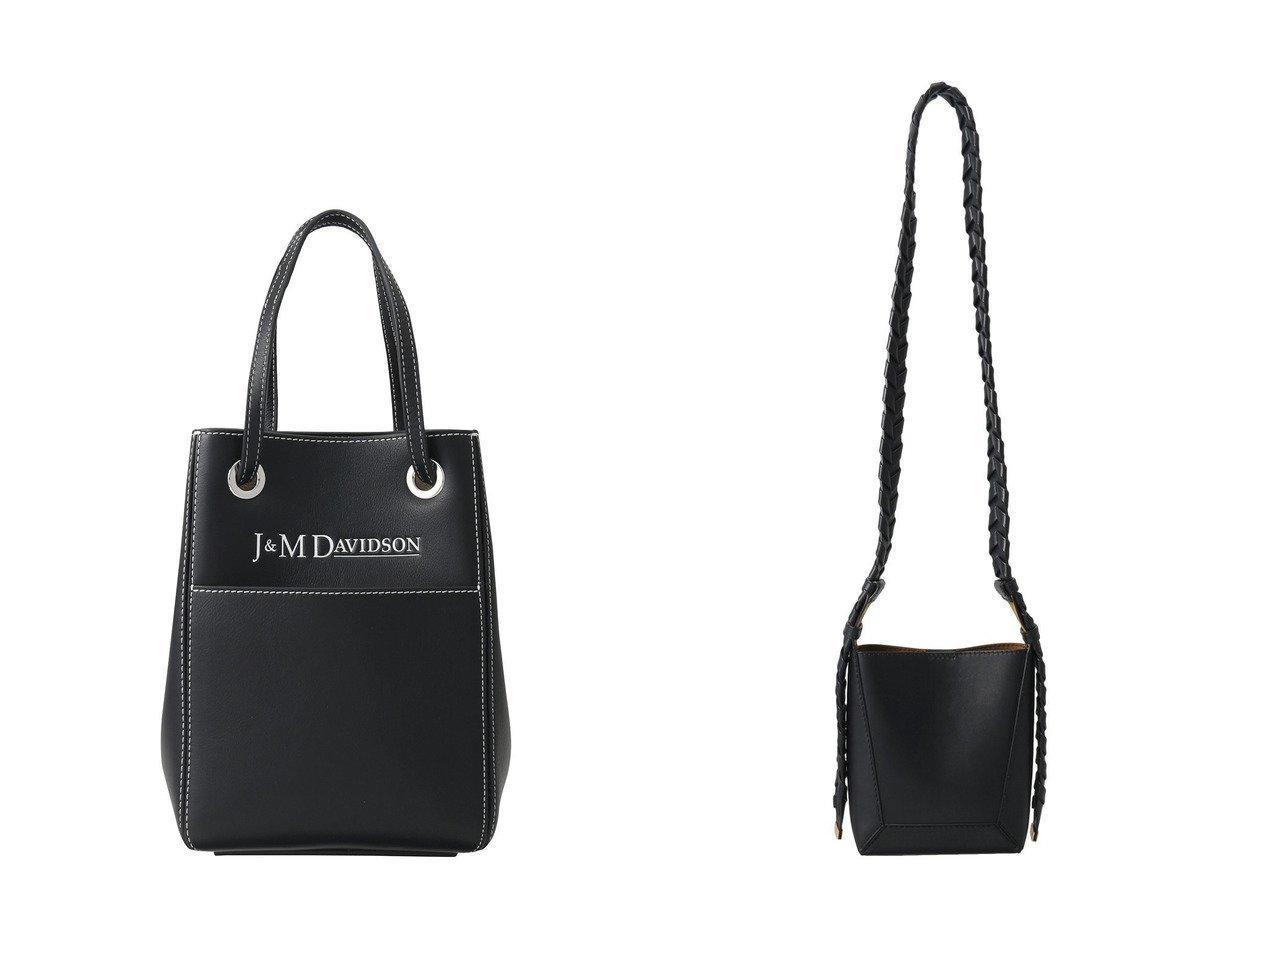 【J&M DAVIDSON/ジェイアンドエム デヴィッドソン】の2×4 BAG(Logo)&【STELLA McCARTNEY/ステラ マッカートニー】のスモールホーボーバッグ 【バッグ・鞄】おすすめ!人気、トレンド・レディースファッションの通販 おすすめで人気の流行・トレンド、ファッションの通販商品 メンズファッション・キッズファッション・インテリア・家具・レディースファッション・服の通販 founy(ファニー) https://founy.com/ ファッション Fashion レディースファッション WOMEN バッグ Bag ショルダー スクエア スタイリッシュ フォルム フロント ポケット ポシェット ロング ハンドバッグ  ID:crp329100000035501